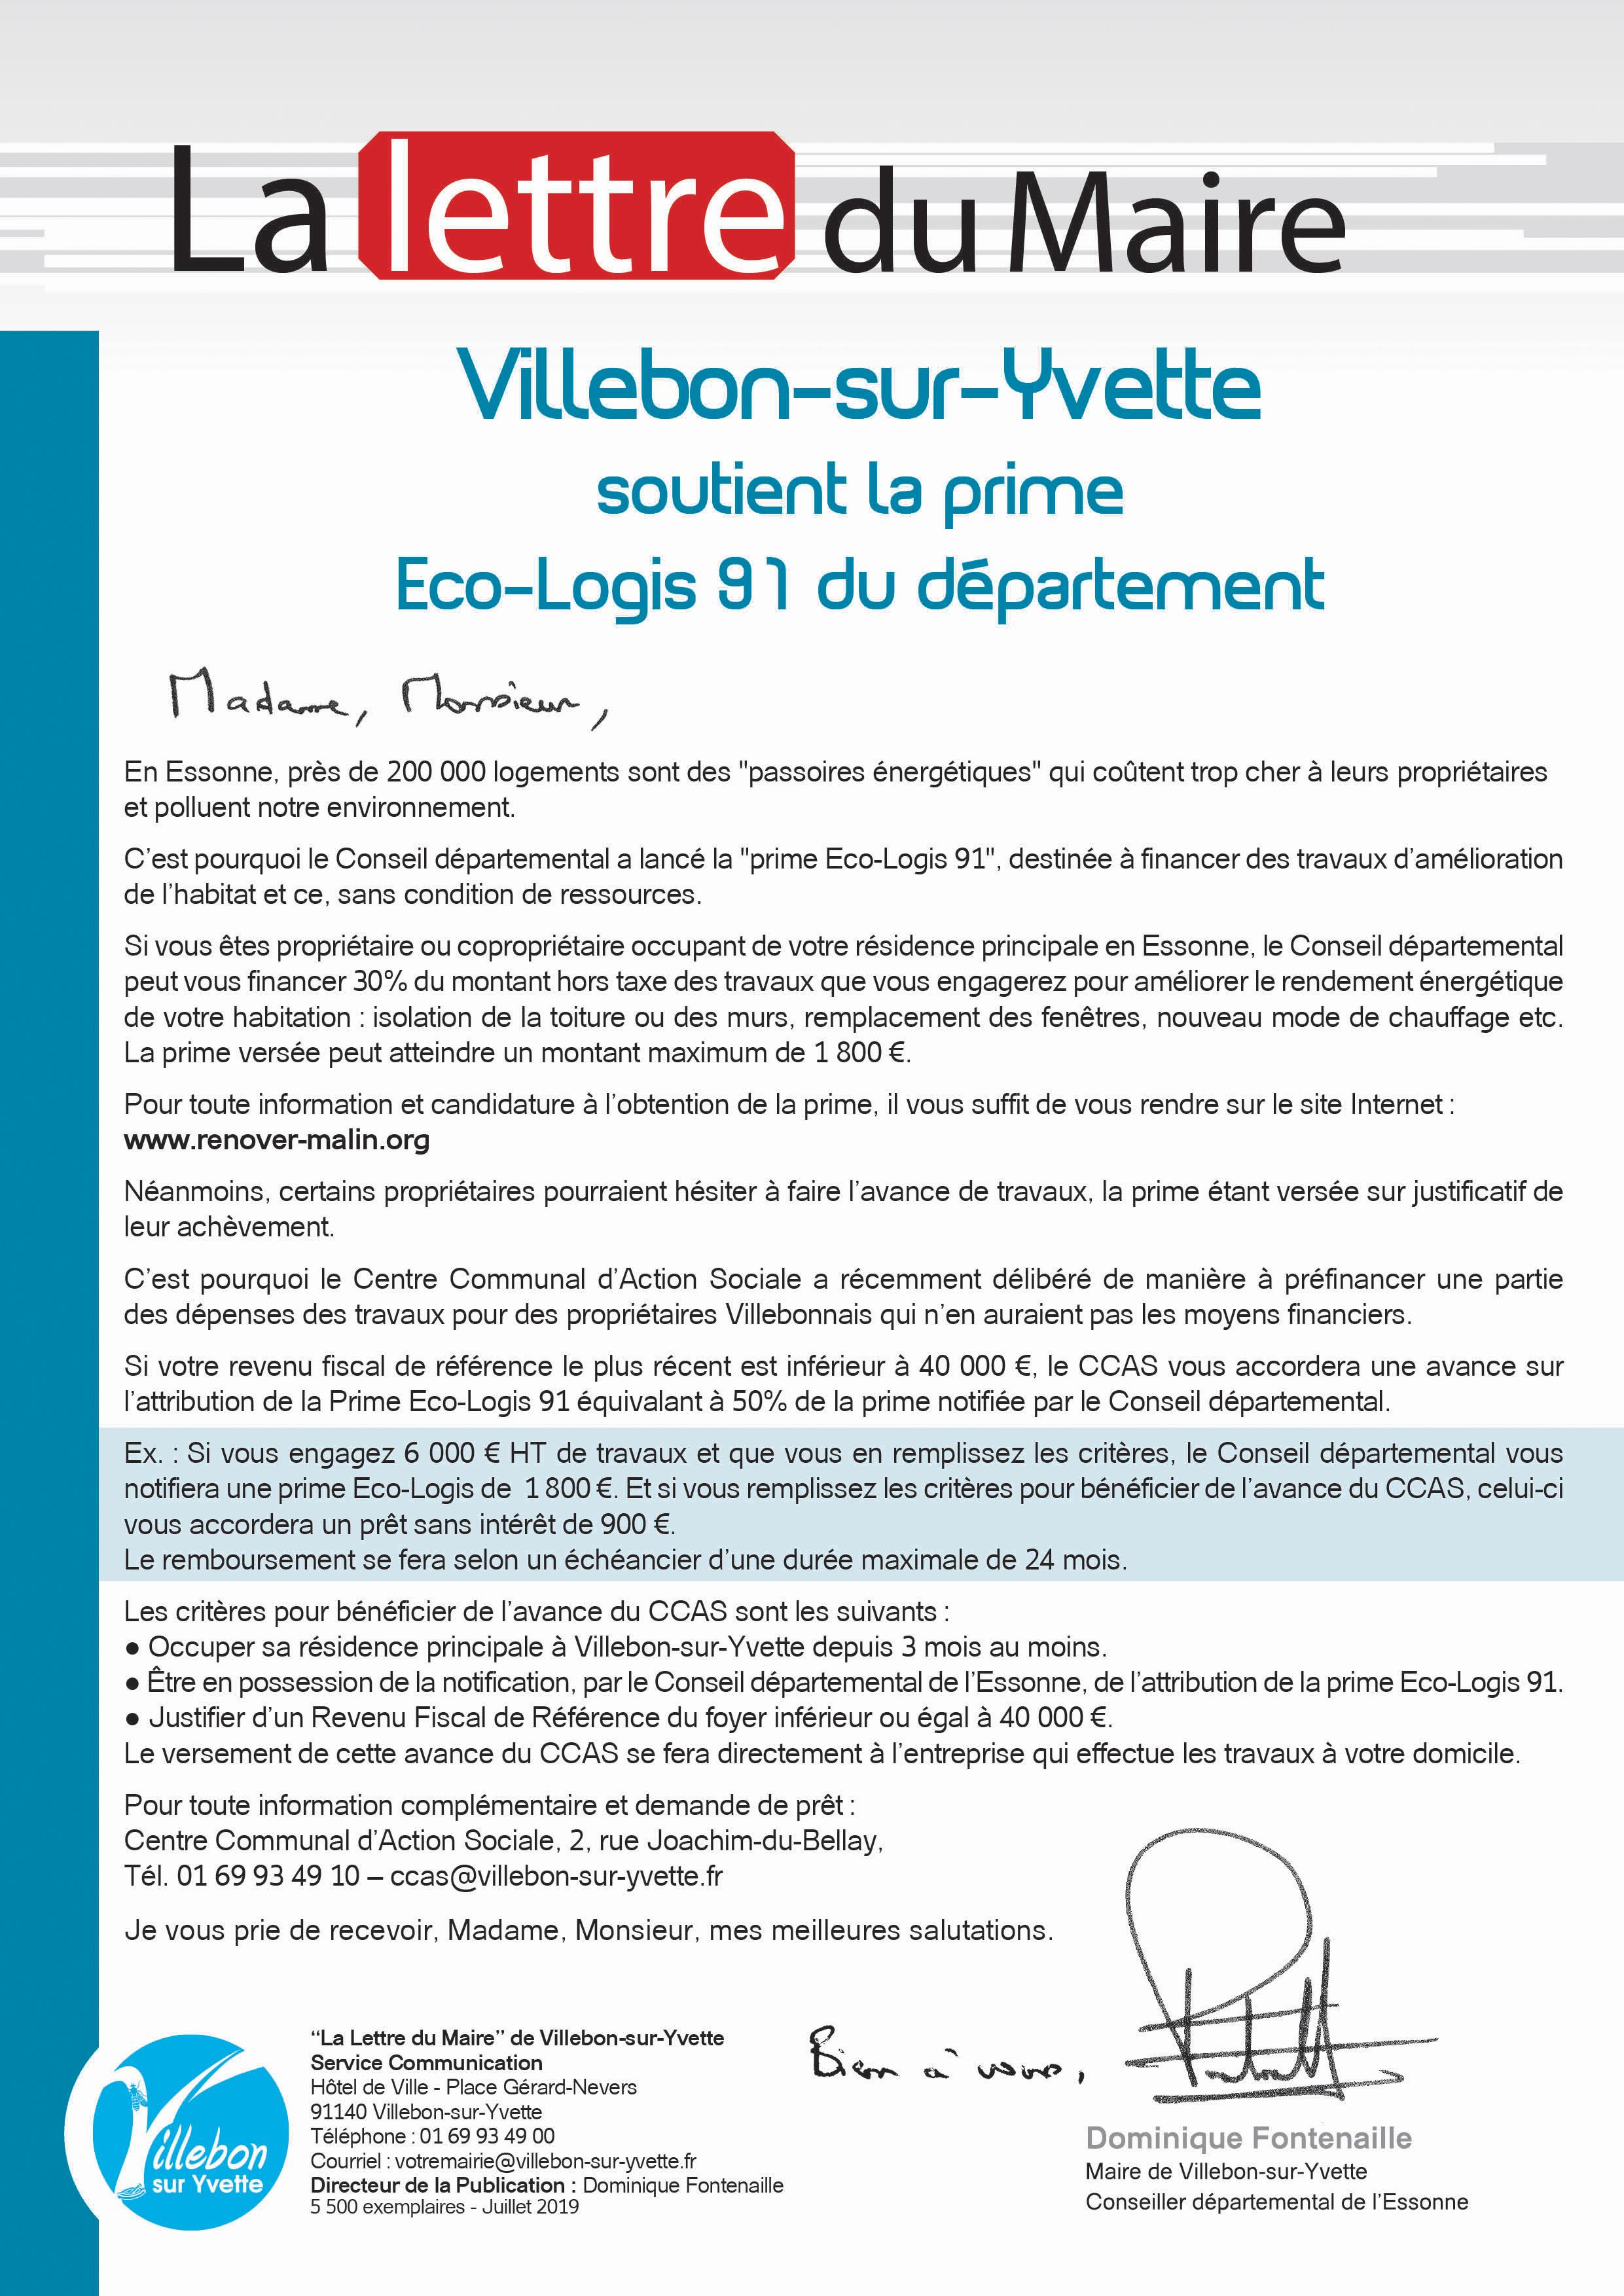 Lettre du Maire - Soutien de la prime Eco-Logis 91 du département